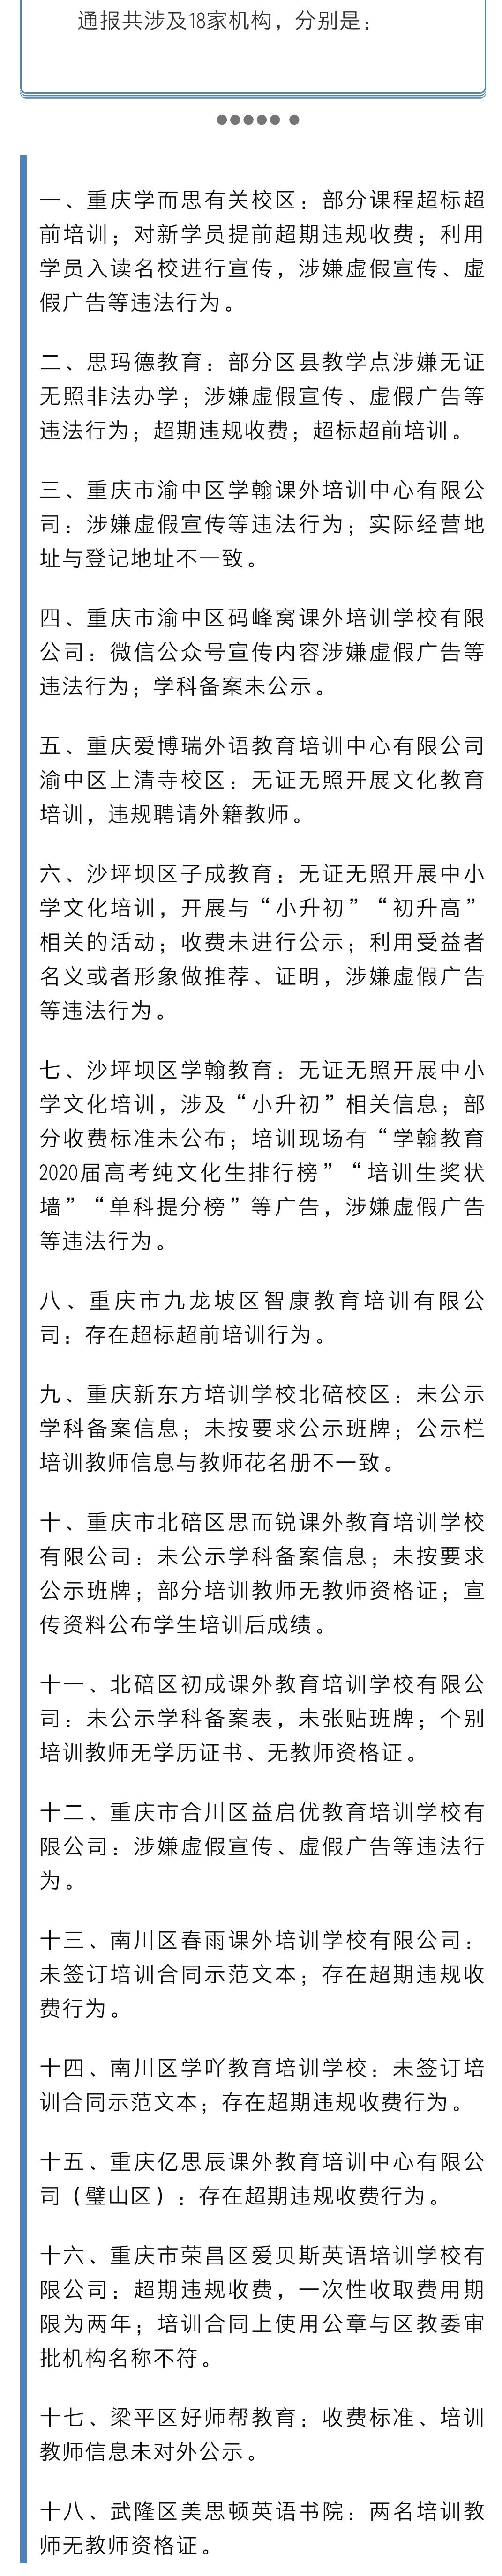 学而思新东方跟谁学等组织屡次被传递点卯!会合整理中国共产党第五次全国代表大会类题目